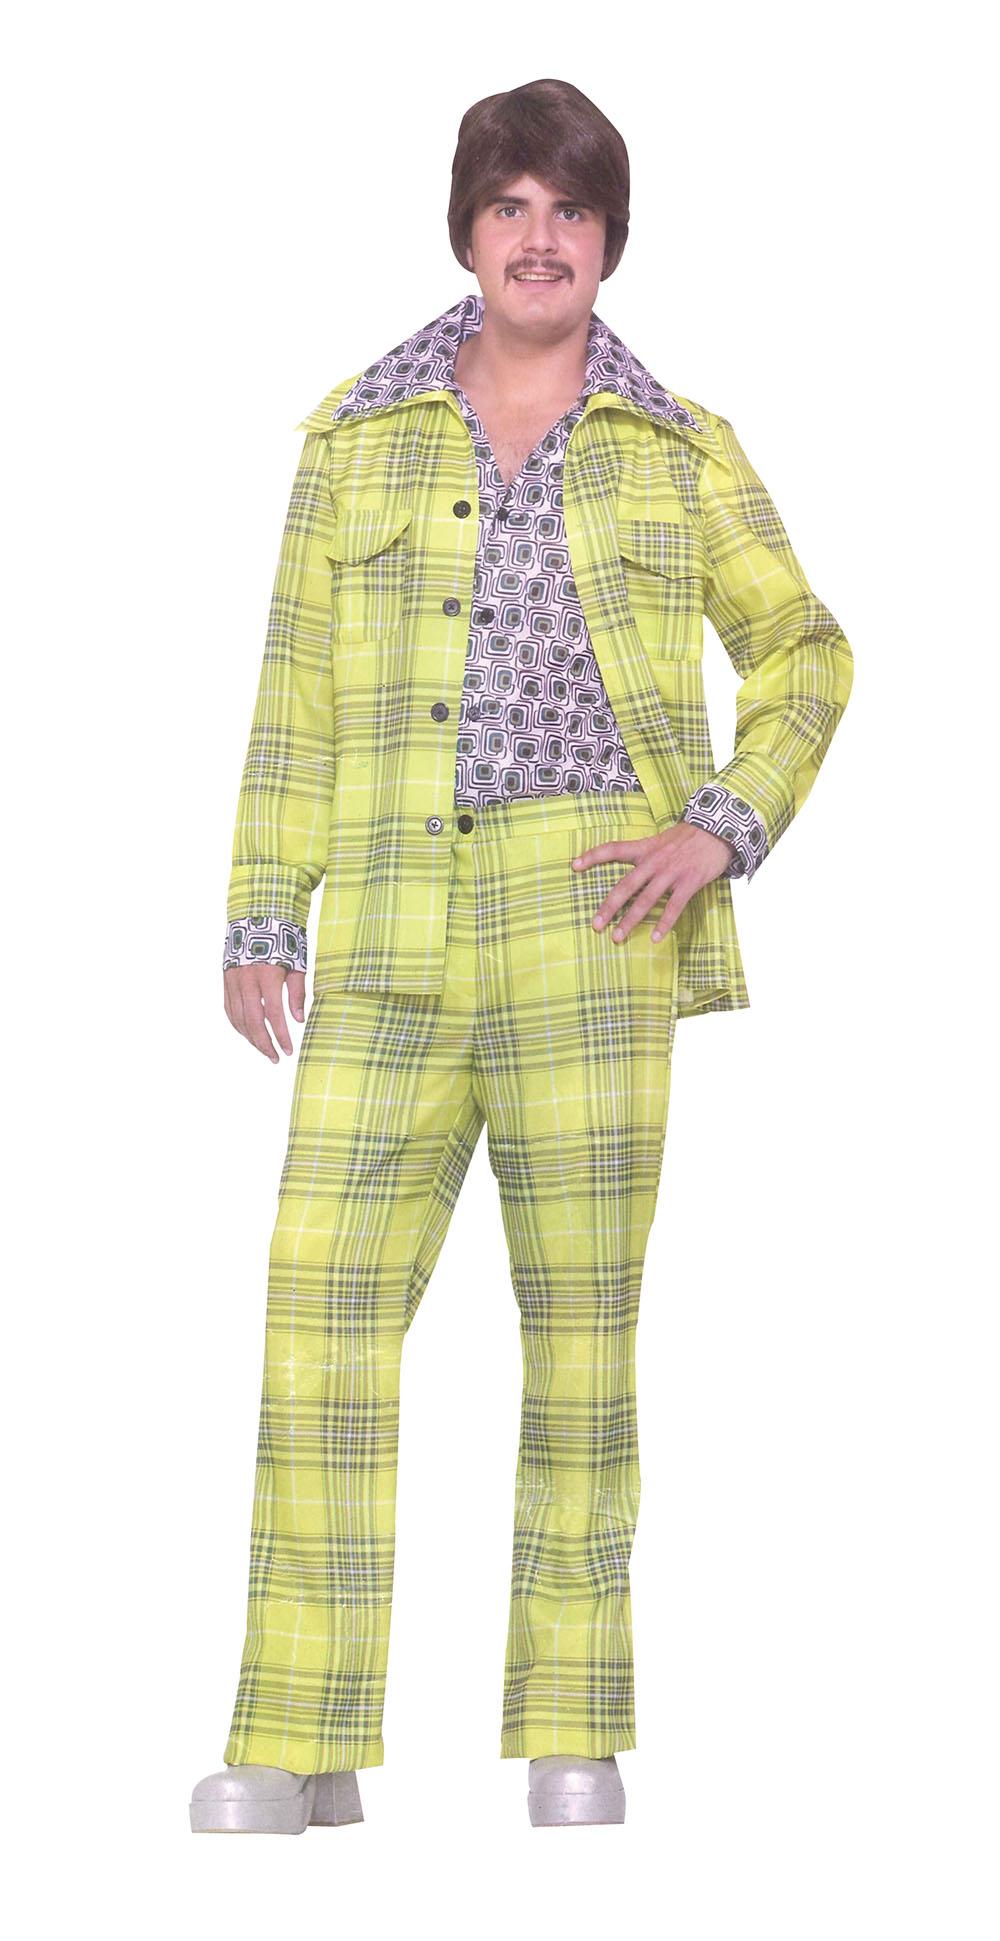 Mens Leisure Suit Plaid Costume for 70s 80s Fancy Dress Outfit Adult  sc 1 th 313 & Mens Leisure Suit Plaid Costume for 70s 80s Fancy Dress Outfit Adult ...